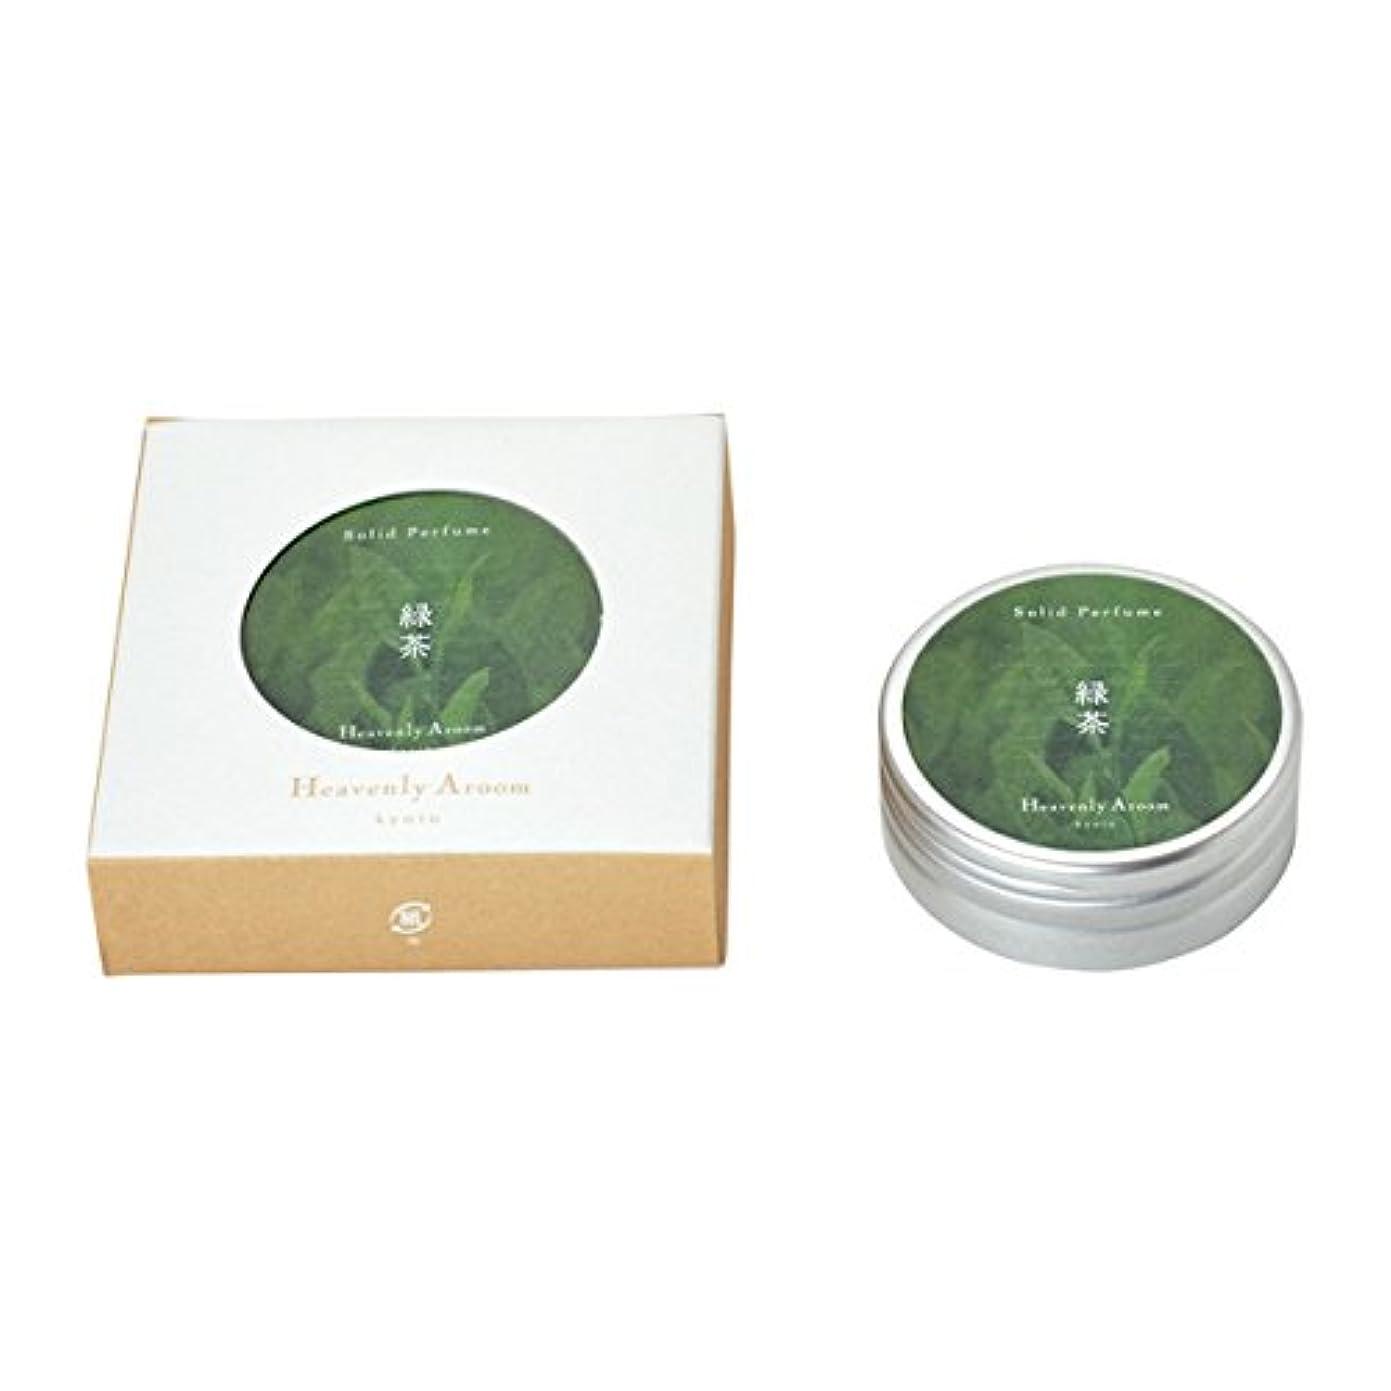 せせらぎエロチック下品Heavenly Aroom ソリッドパフューム 緑茶 15g